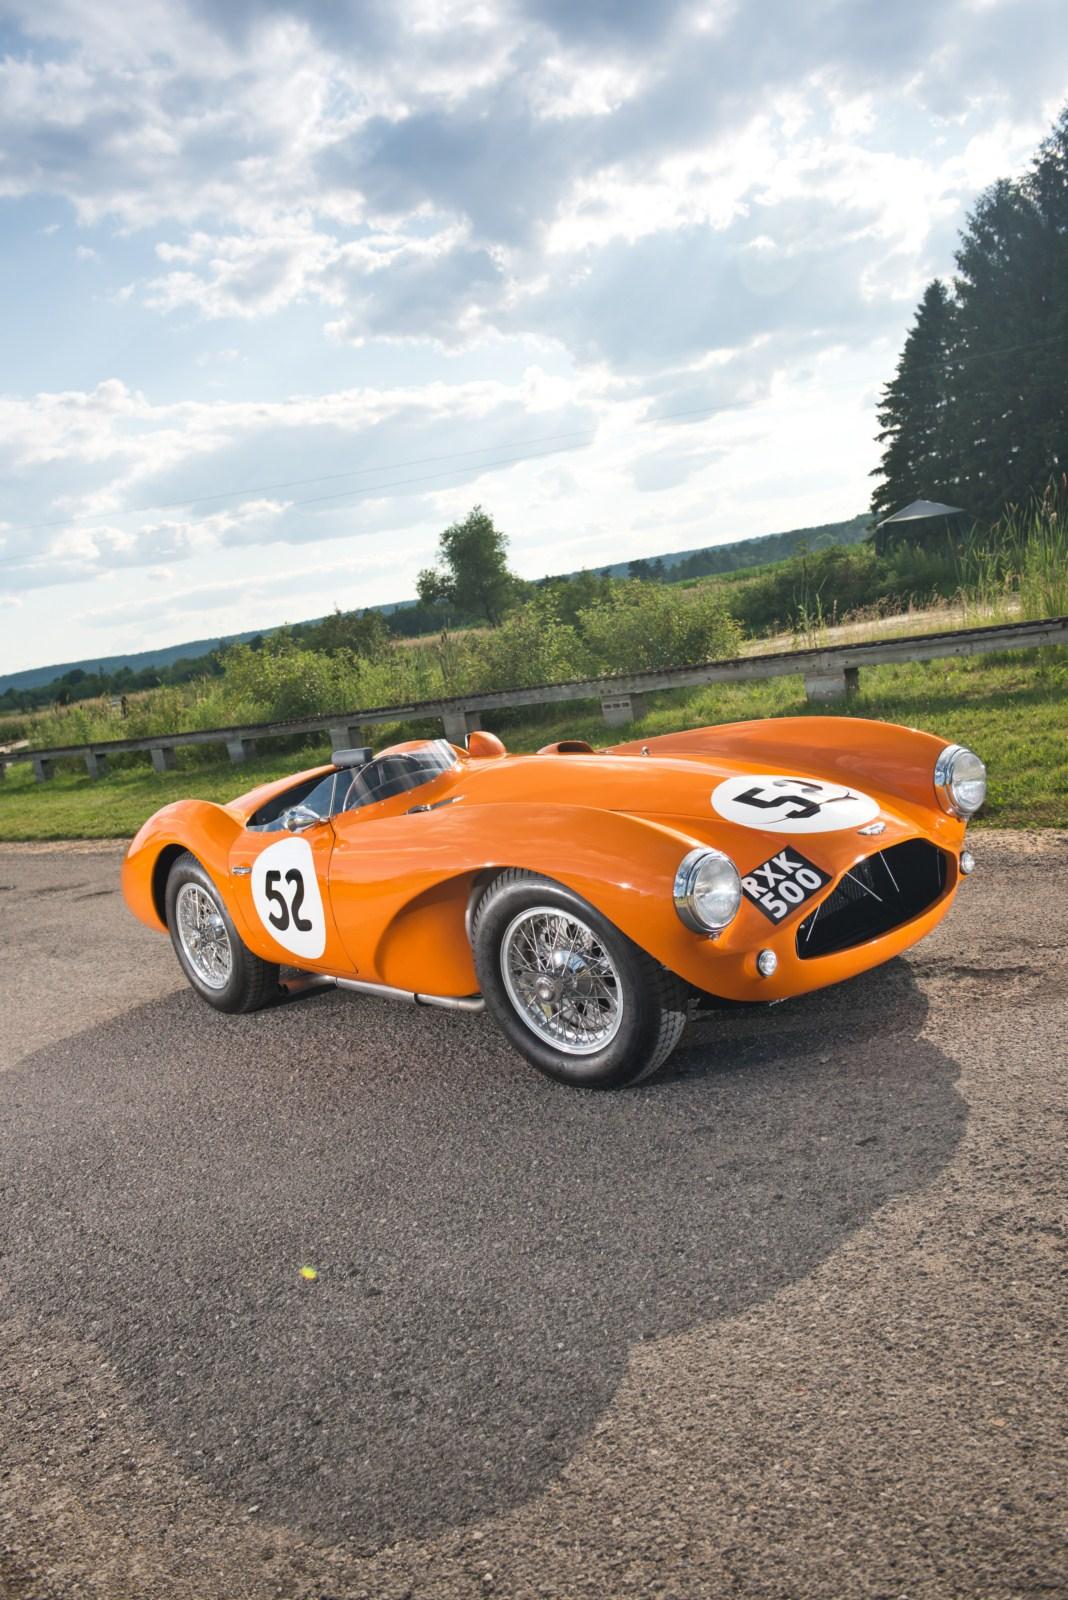 sketchbook historic cars an orange car aston martin db3s sport racing 1955. Black Bedroom Furniture Sets. Home Design Ideas